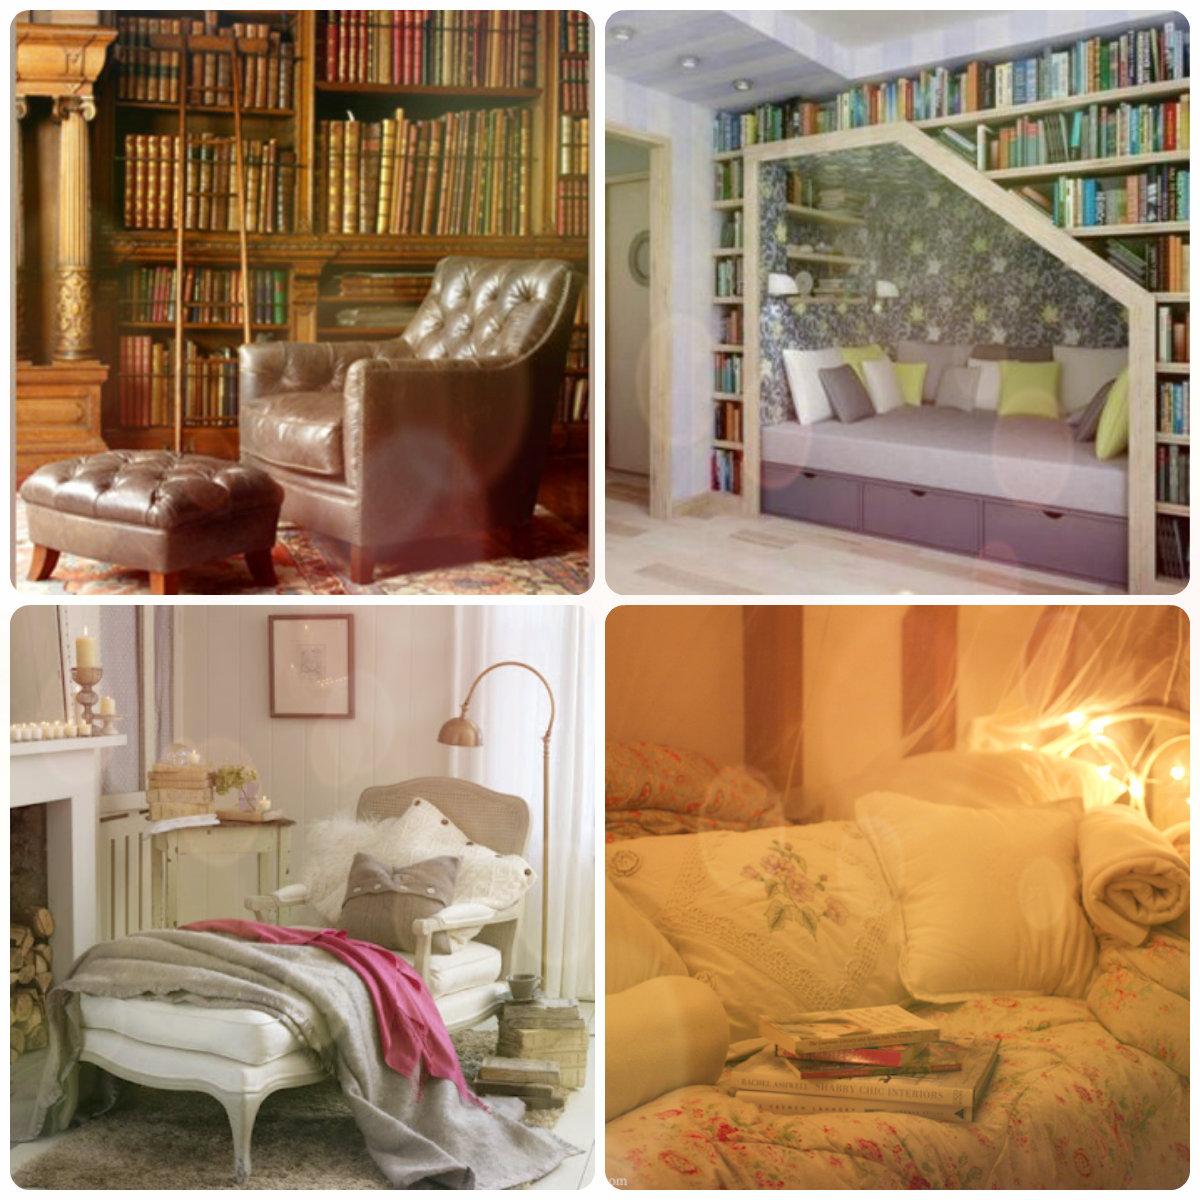 มุมอ่านหนังสือในบ้าน